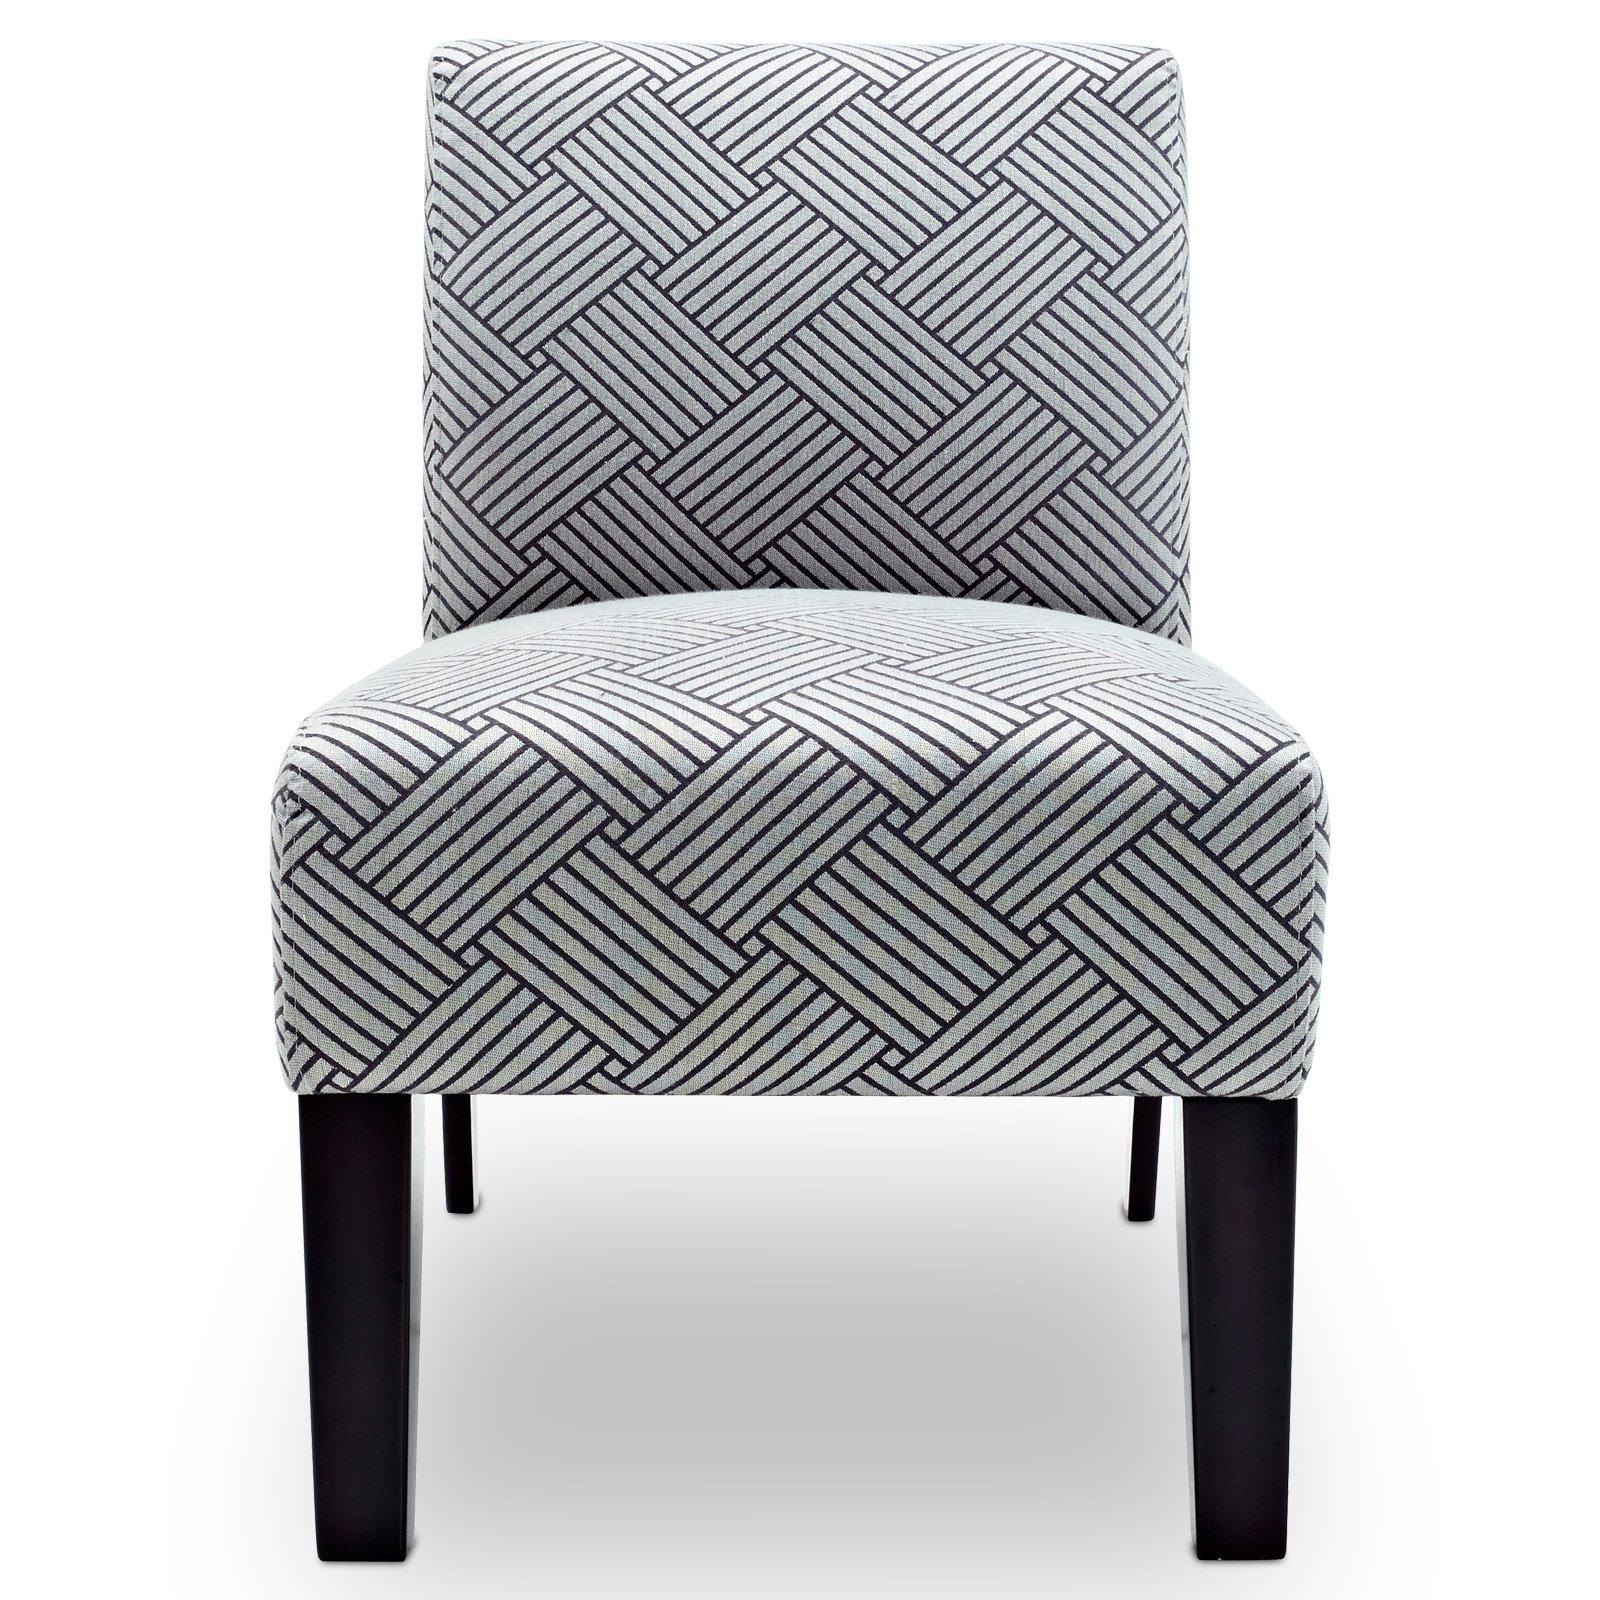 Allegro Accent Chair